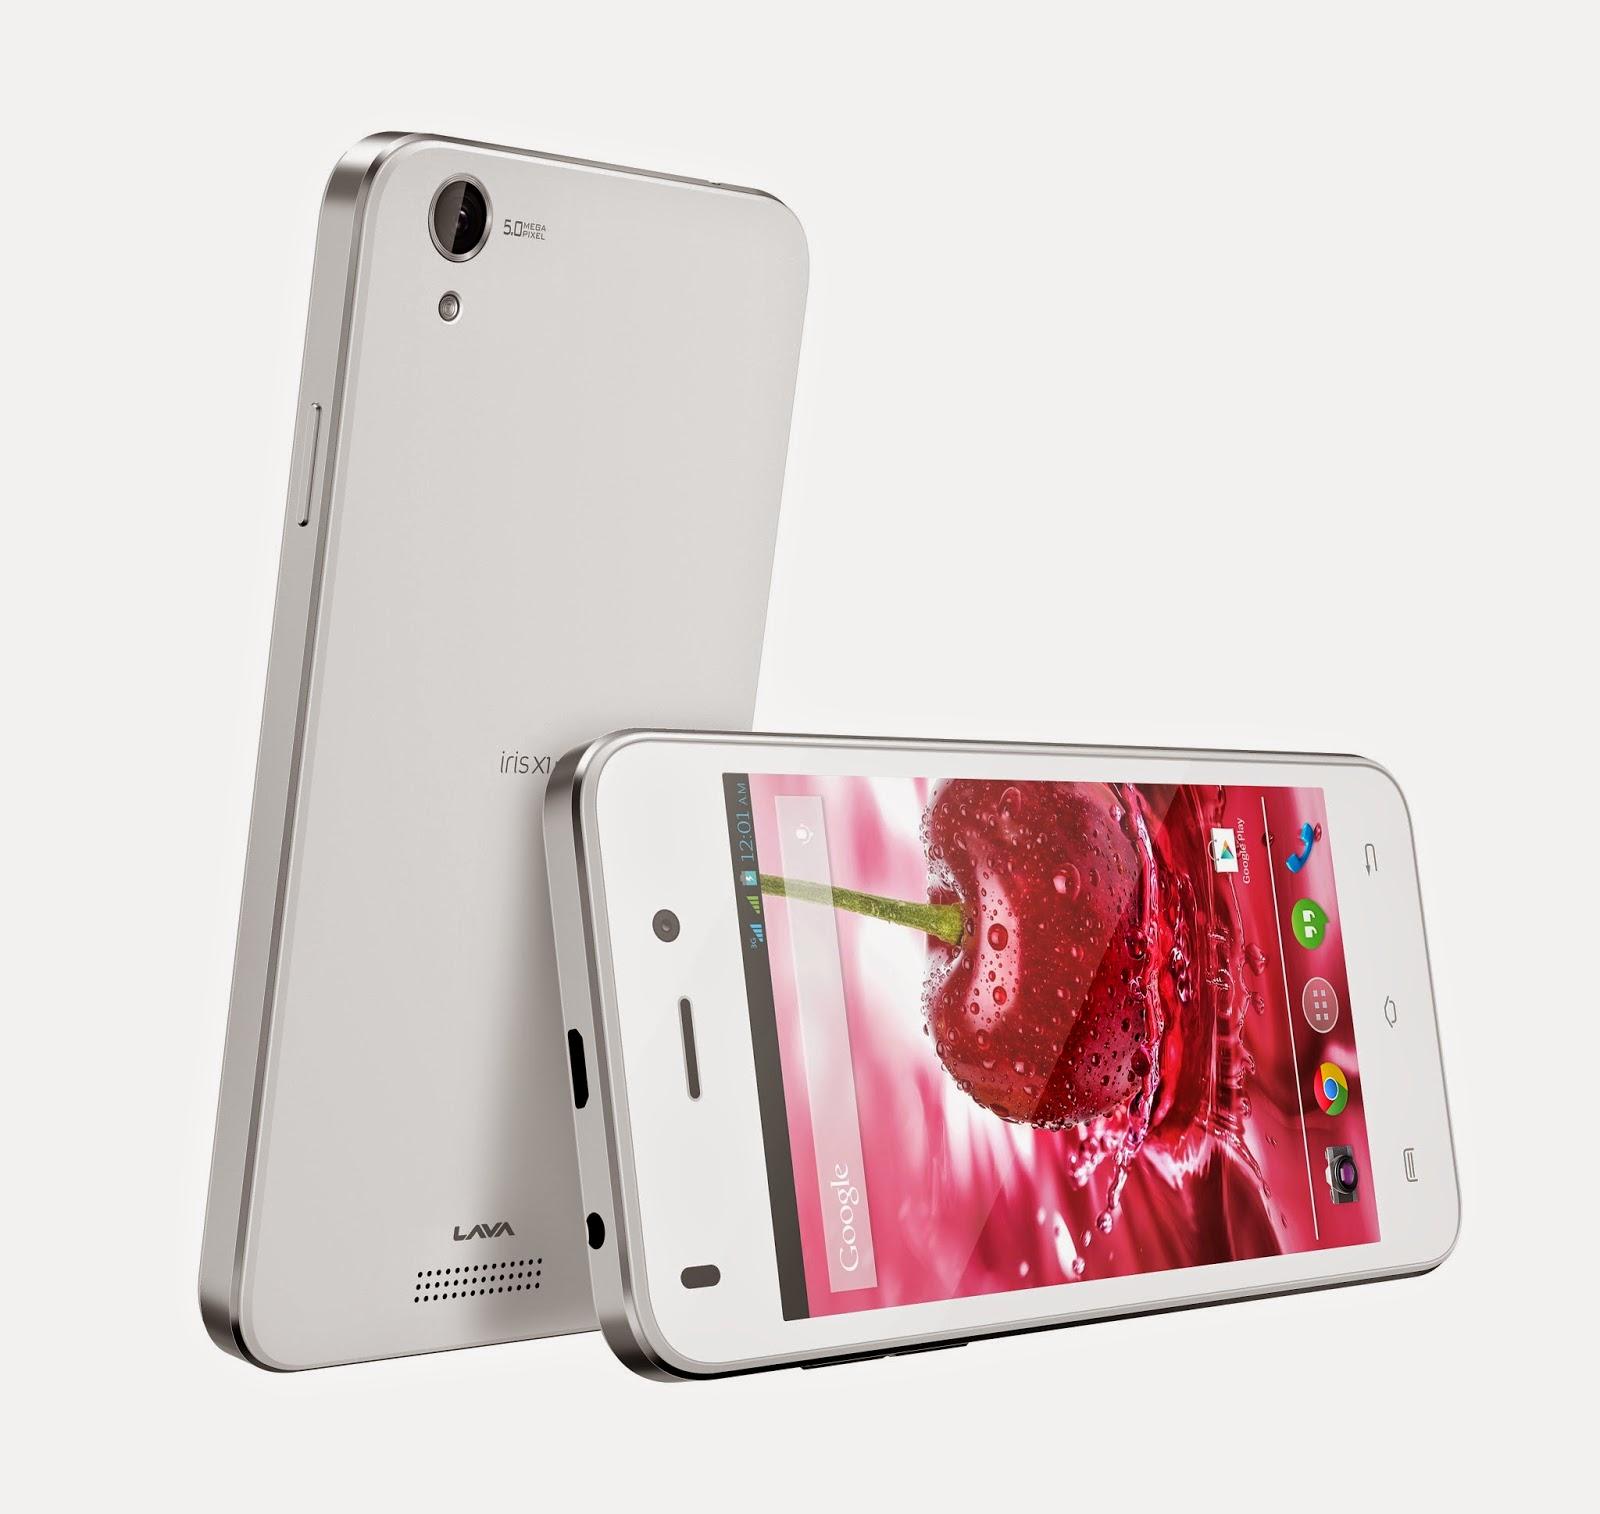 Gadgets, Mobile Phones New Launches in India - Lava Iris X1 Mini